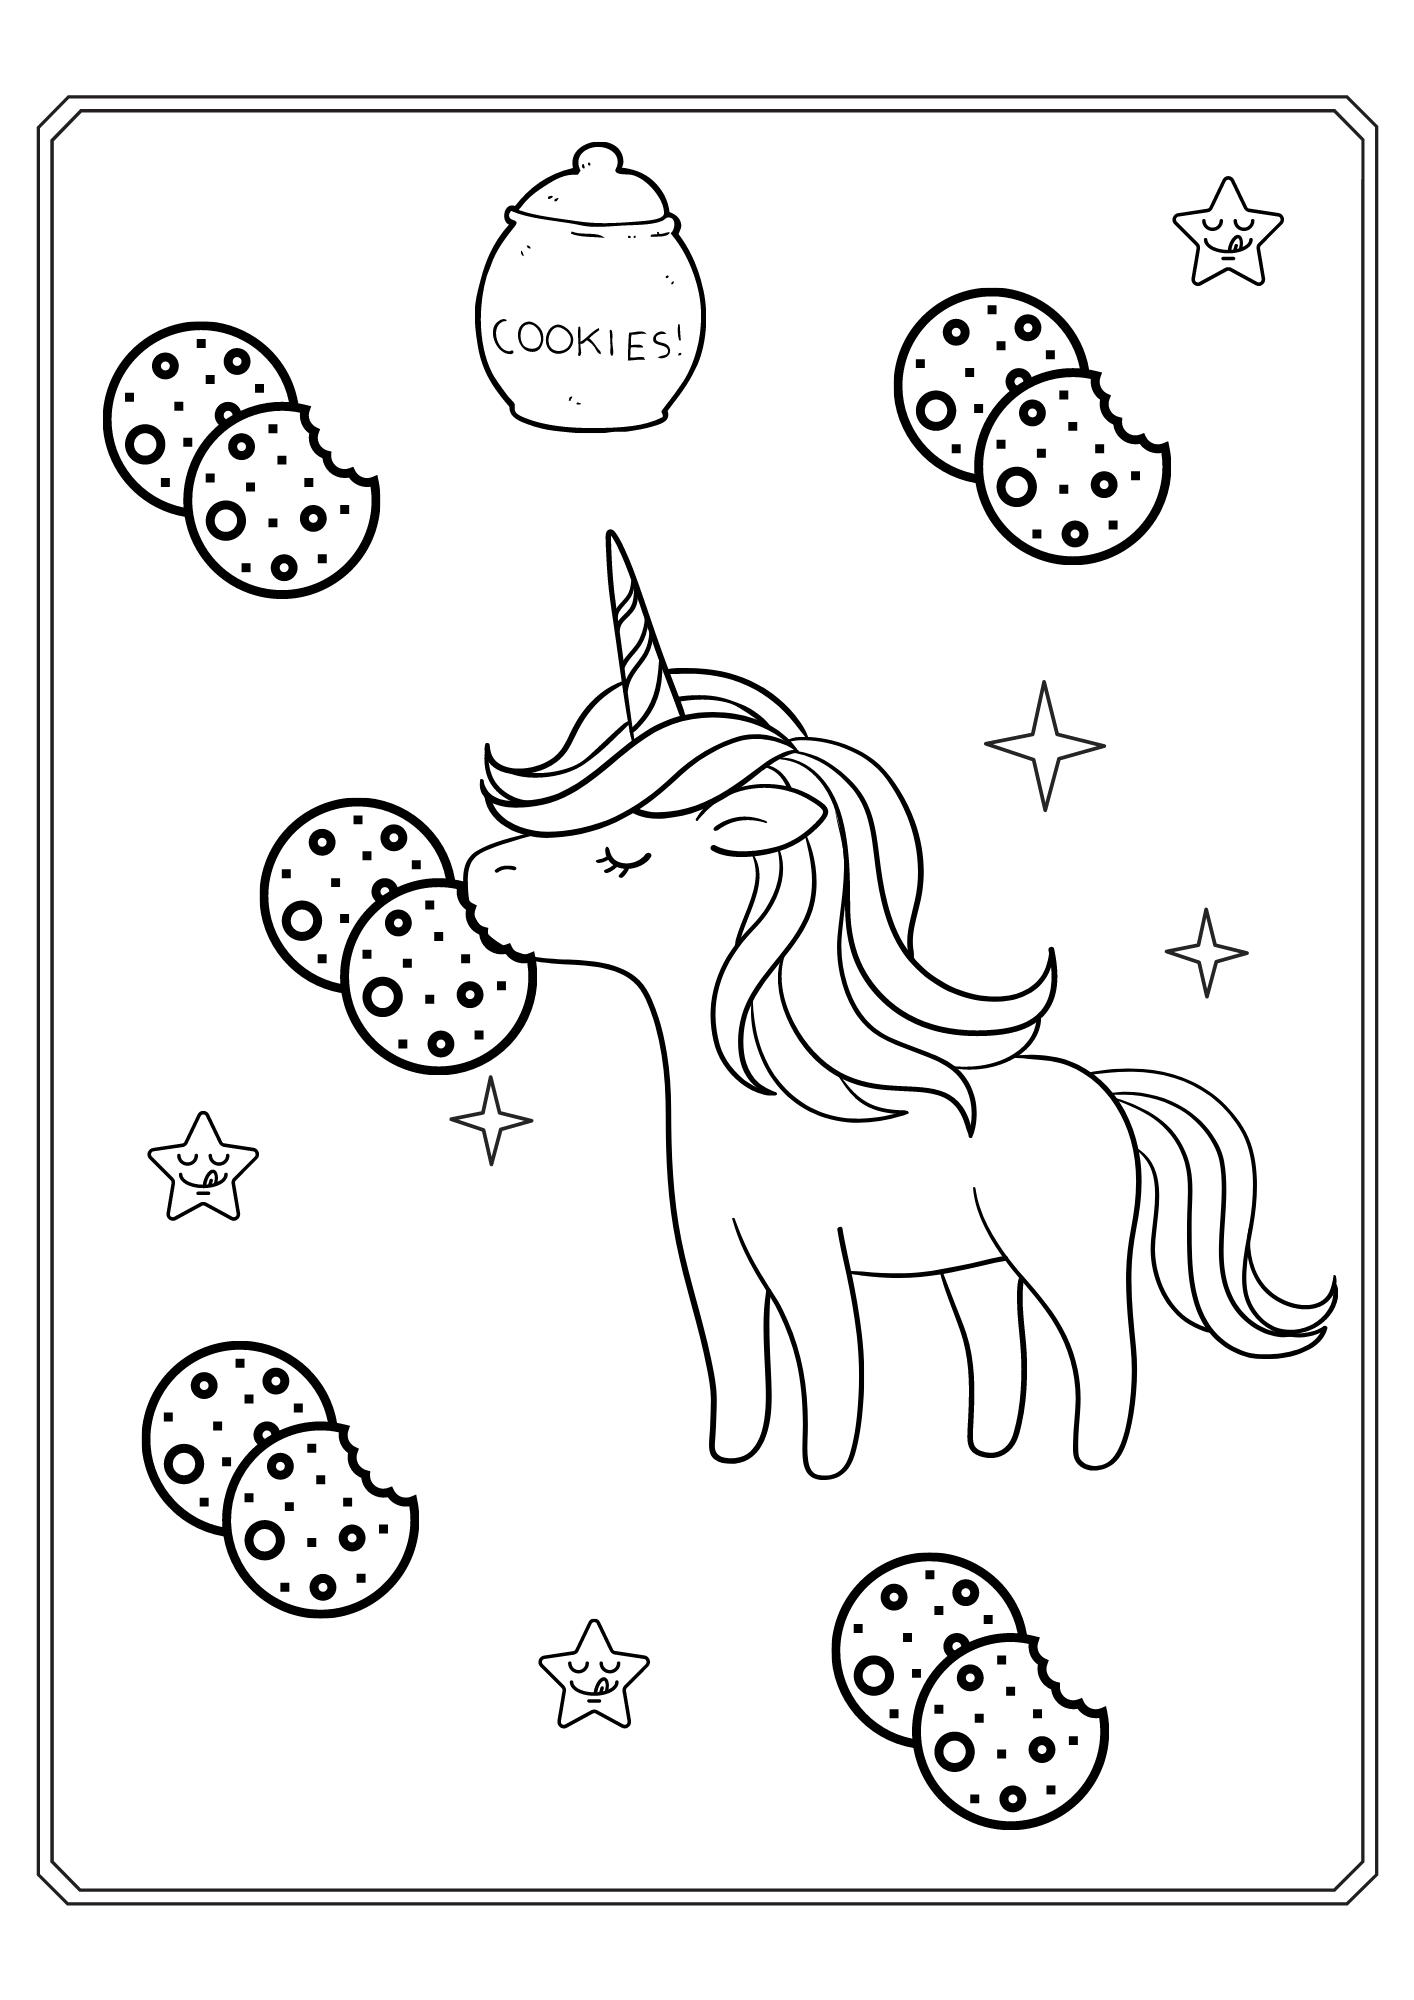 Einhorn mit Keks